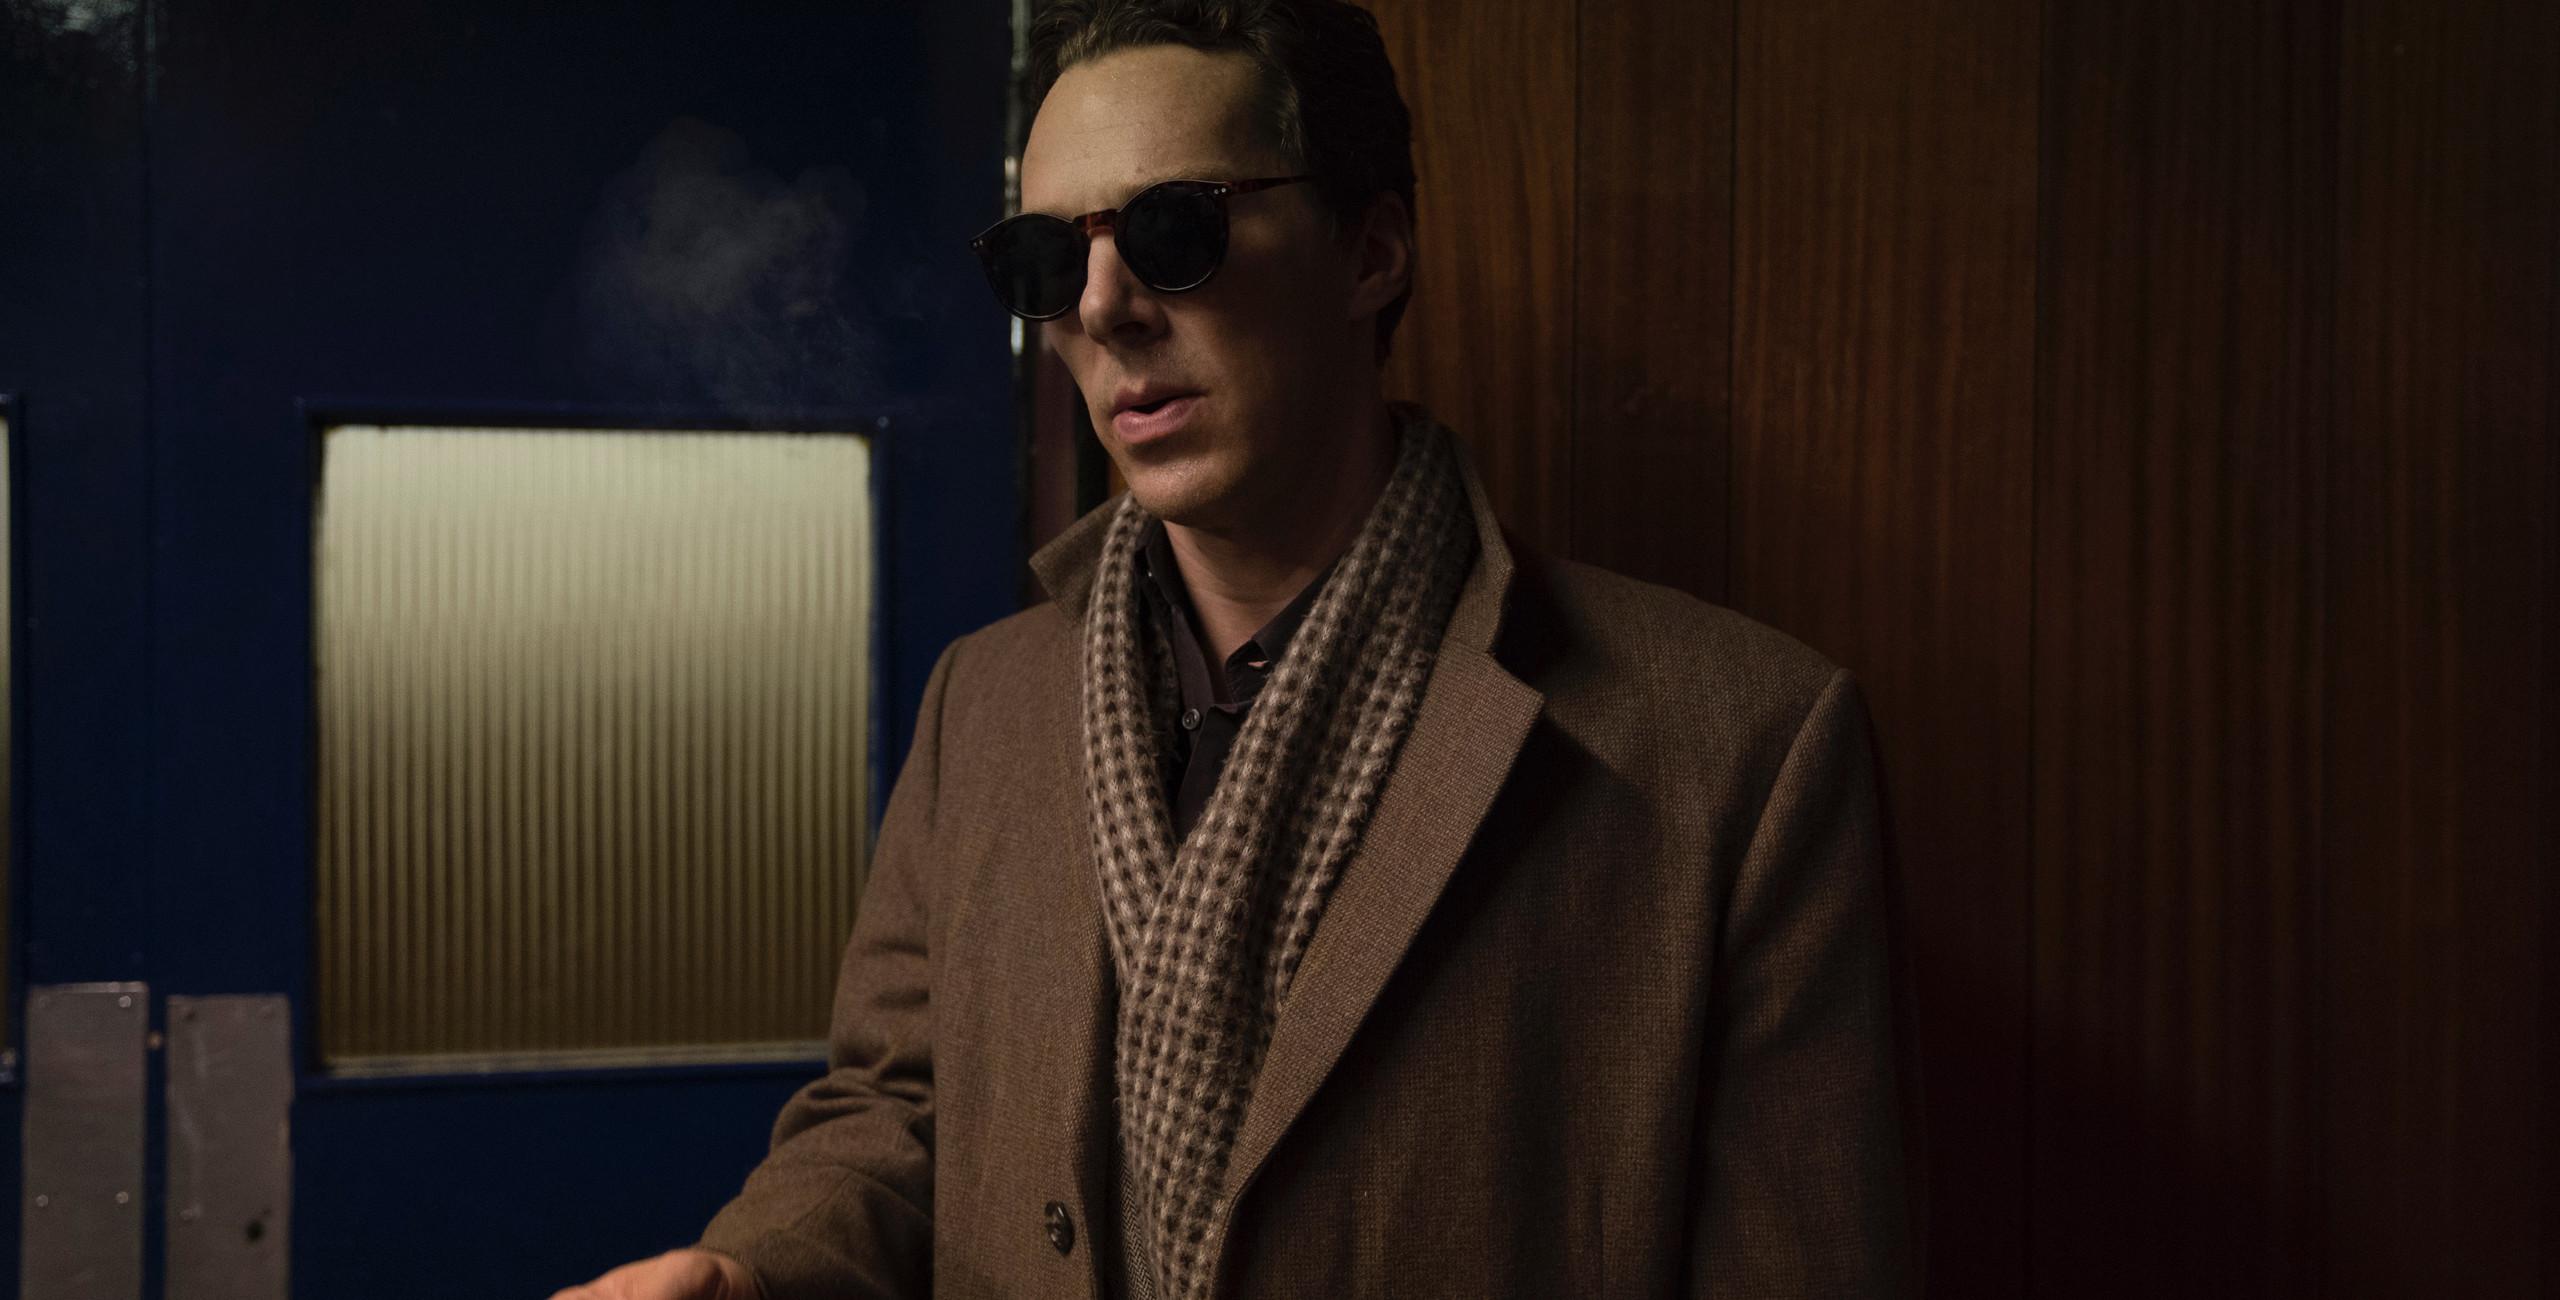 Benedict Cumberbatch'ın Yeni Dizisi Patrick Melrose'dan İlk Fragman Yayınlandı